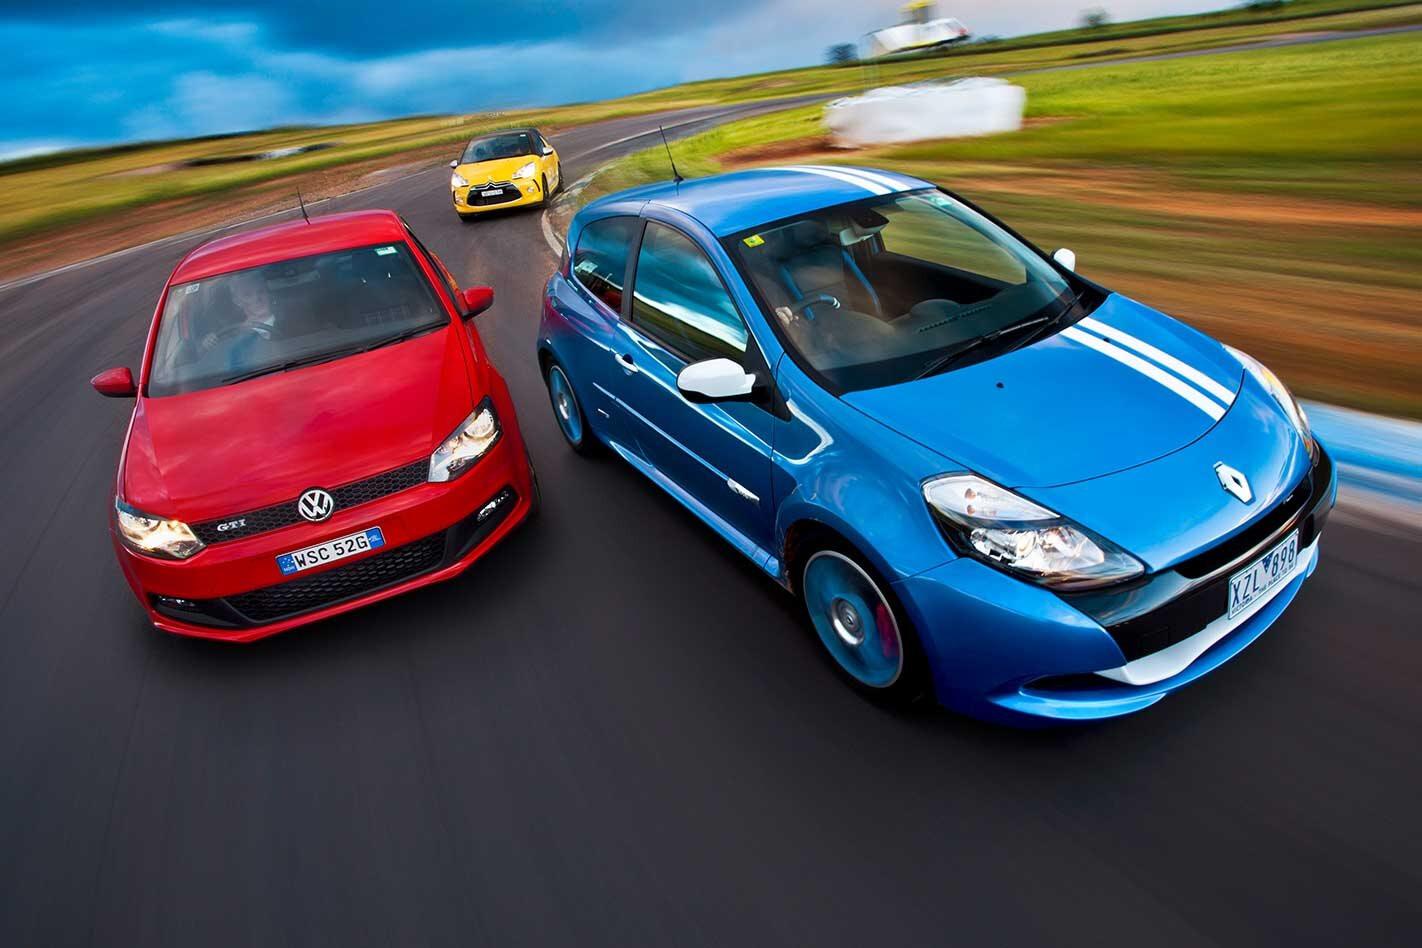 2011 Citroen DS3 vs Renault Clio RS200 Gordini vs Volkswagen Polo GTI comparison classic MOTOR